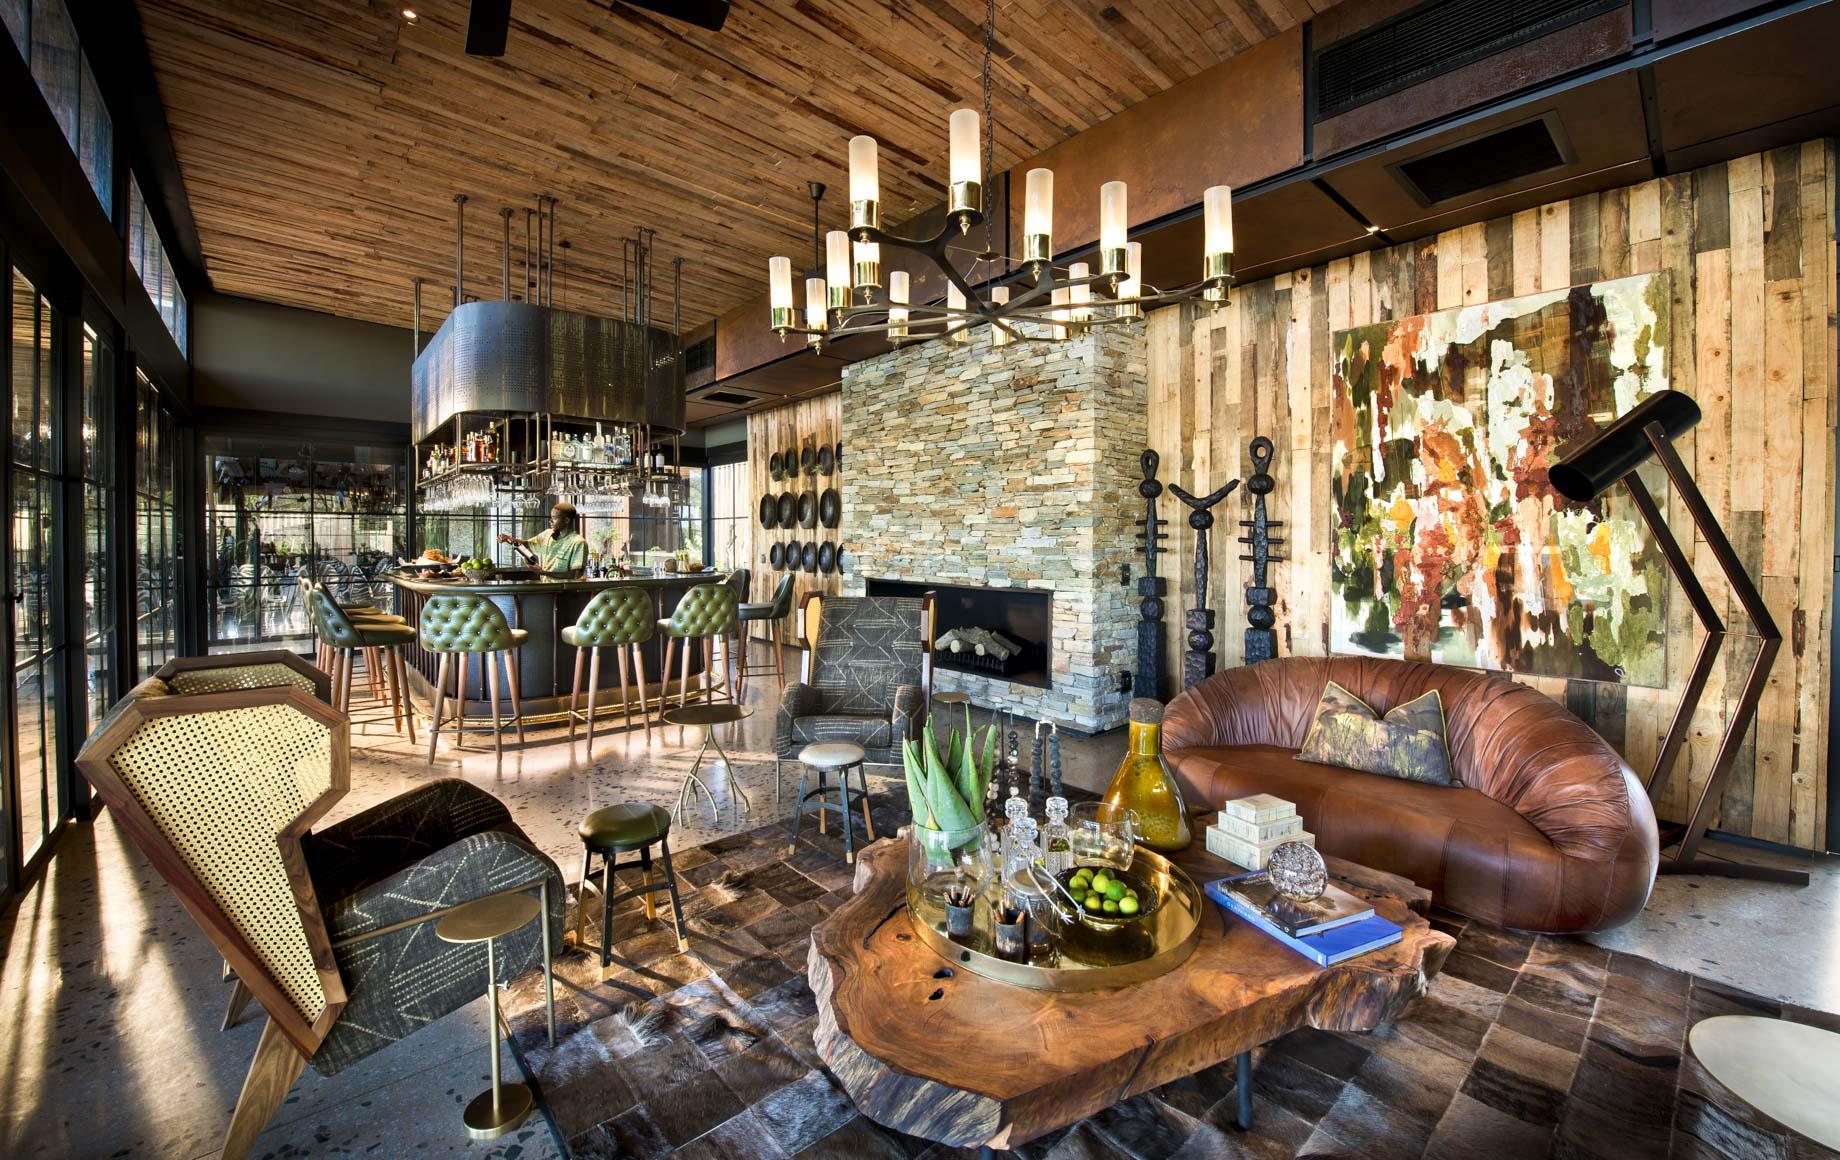 Interior seating area at Tengile River Lodge